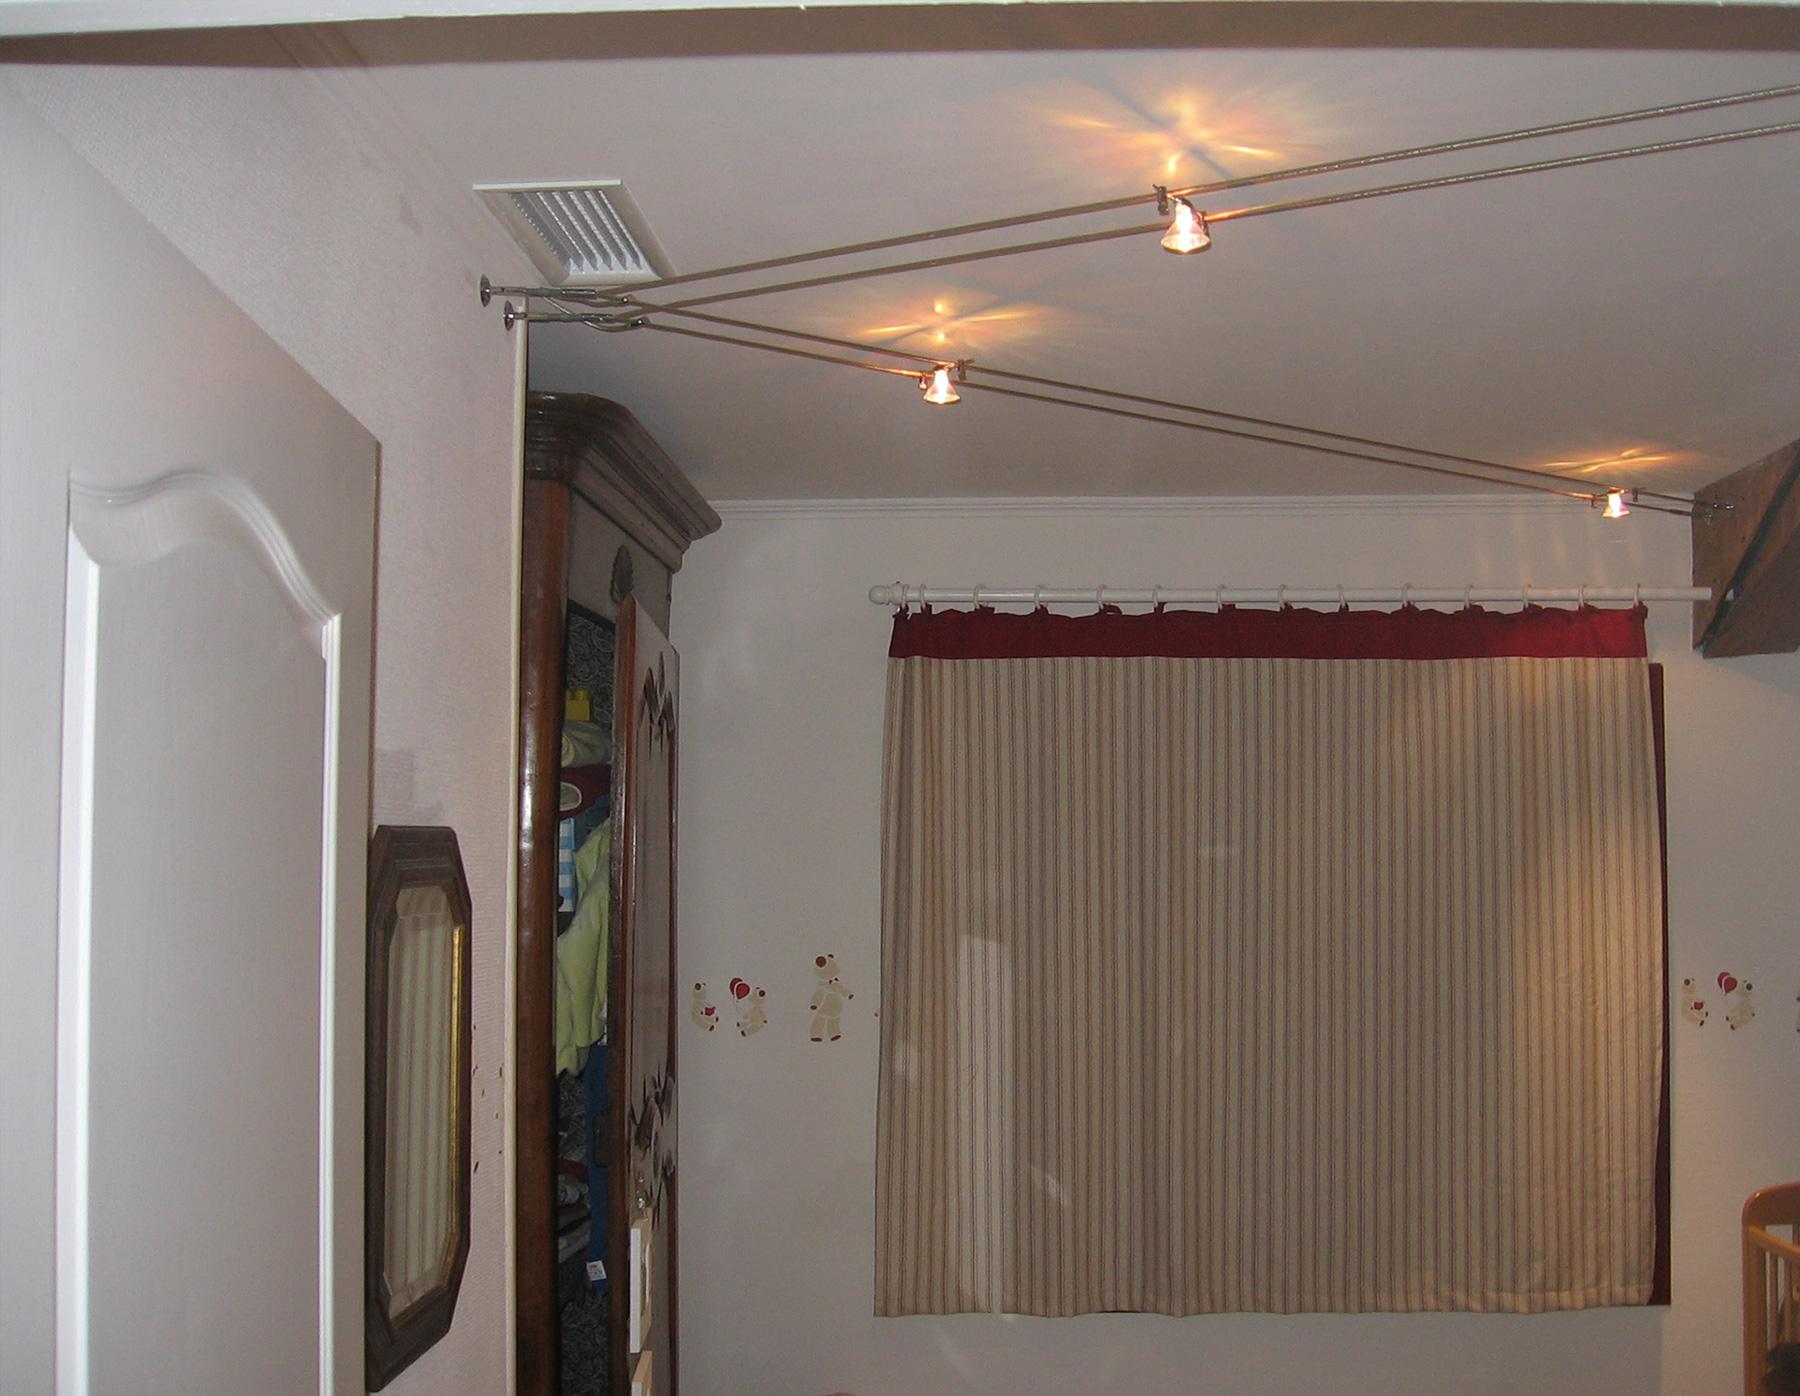 #9B6330 Nos Références En Froid Et Climatisation En Auvergne 2417 Petite Chambre Froide 1800x1396 px @ aertt.com